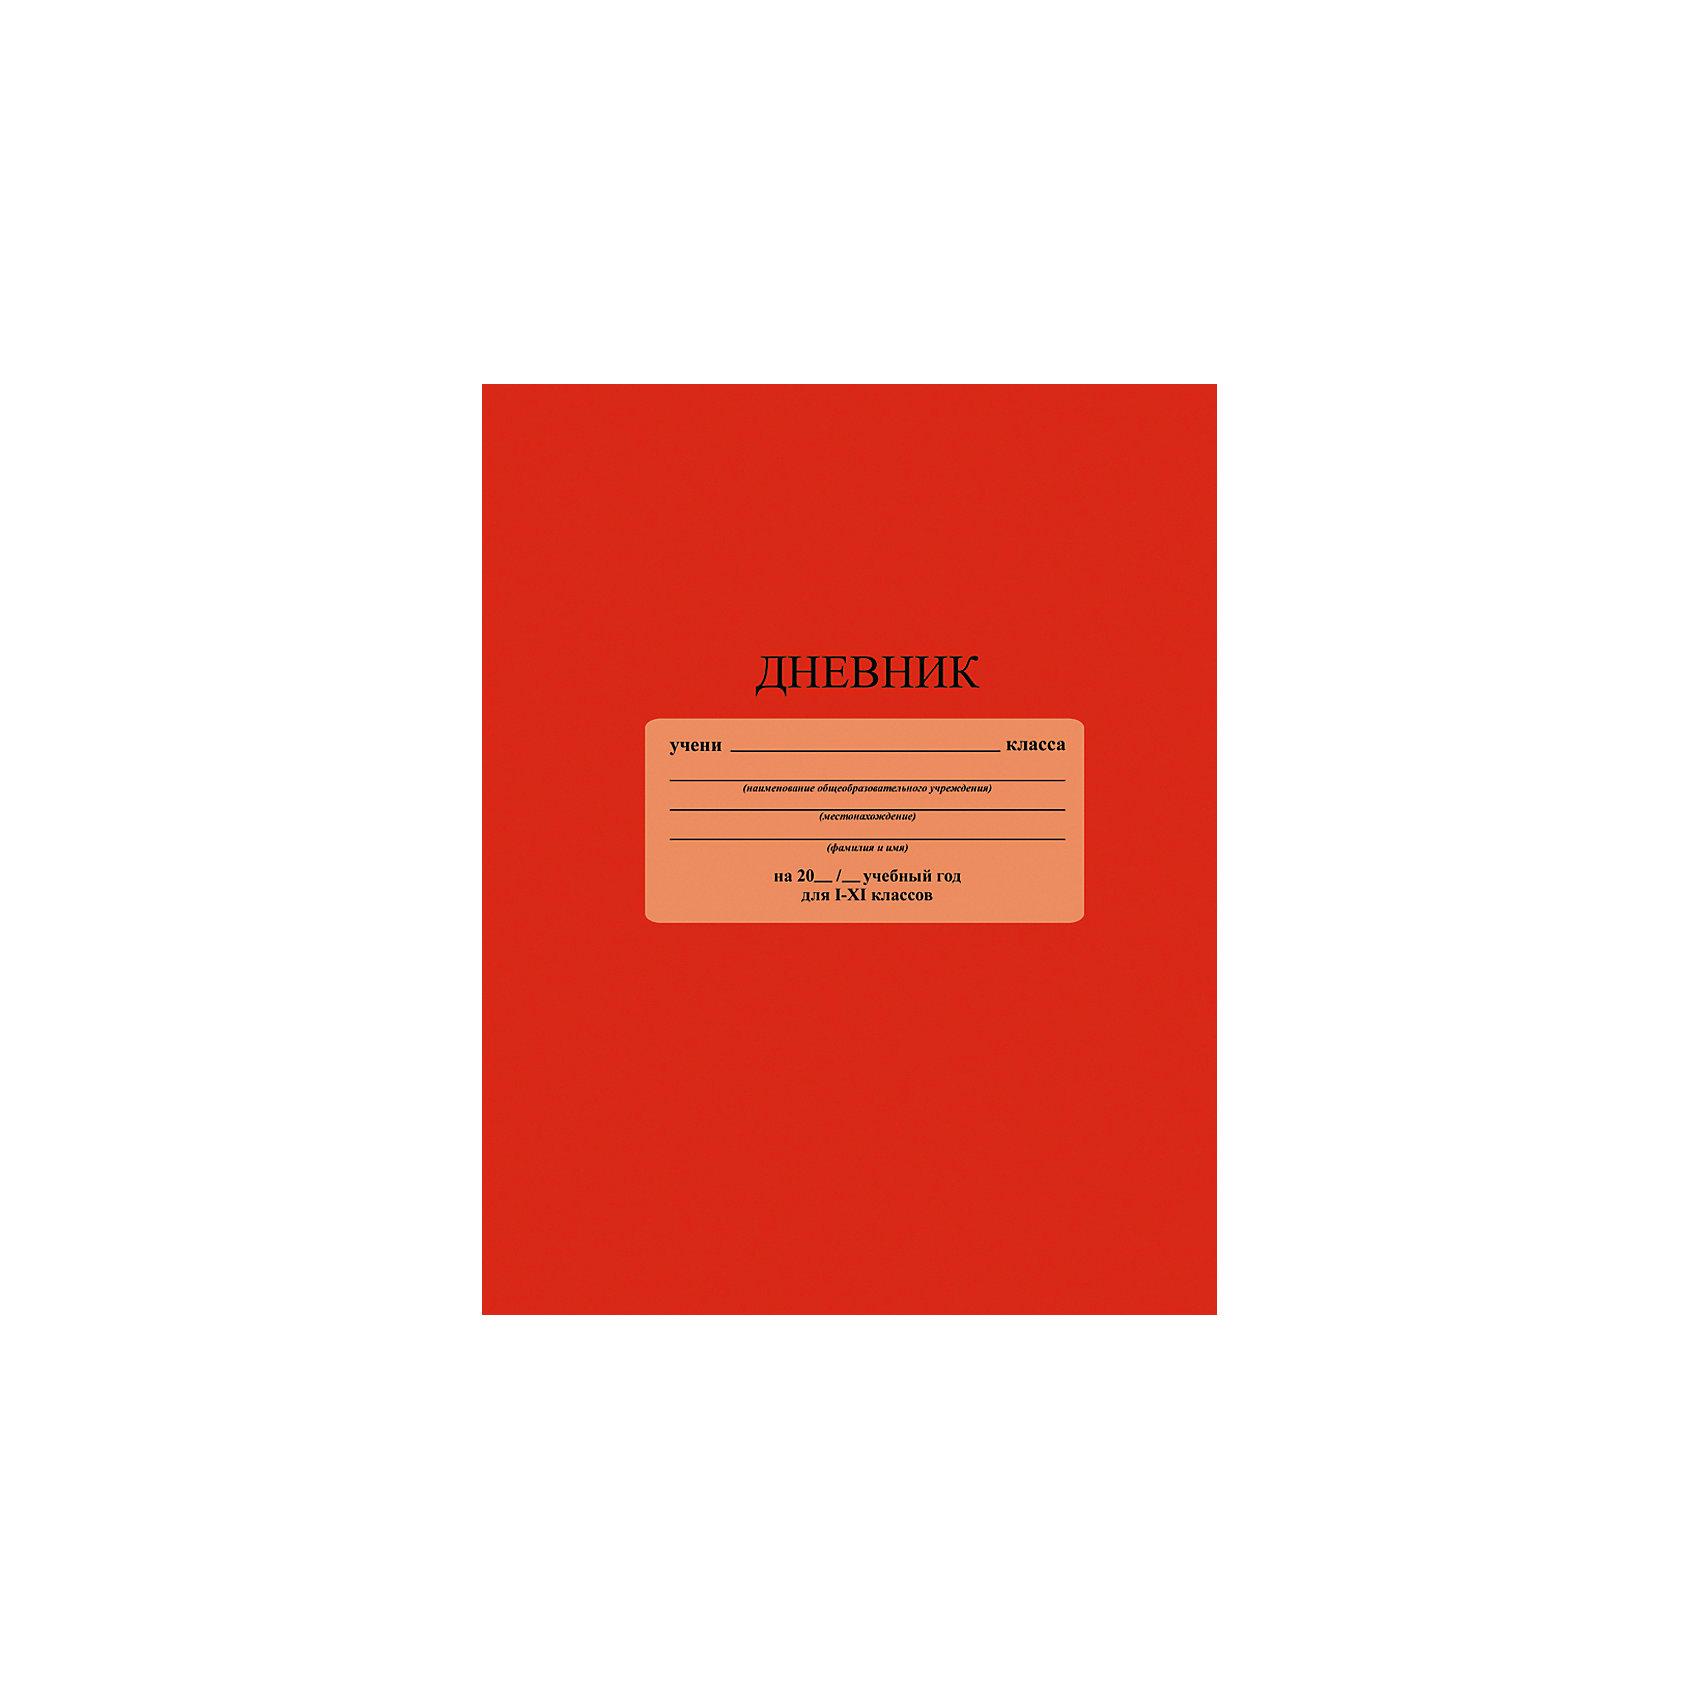 Дневник  Ярко-красный. Формат А5, твердая обложка 7БЦ,  с глянцевой ламинацией.Бумажная продукция<br>ДНЕВНИК УНИВЕРСАЛЬНЫЙ ОДНОТОННЫЙ. Формат А5, Твердая обложка 7БЦ, ламинация, Внутренний блок - офсет 65 г/м2. Белый форзац .<br><br>Ширина мм: 217<br>Глубина мм: 170<br>Высота мм: 7<br>Вес г: 208<br>Возраст от месяцев: 36<br>Возраст до месяцев: 216<br>Пол: Унисекс<br>Возраст: Детский<br>SKU: 6992548